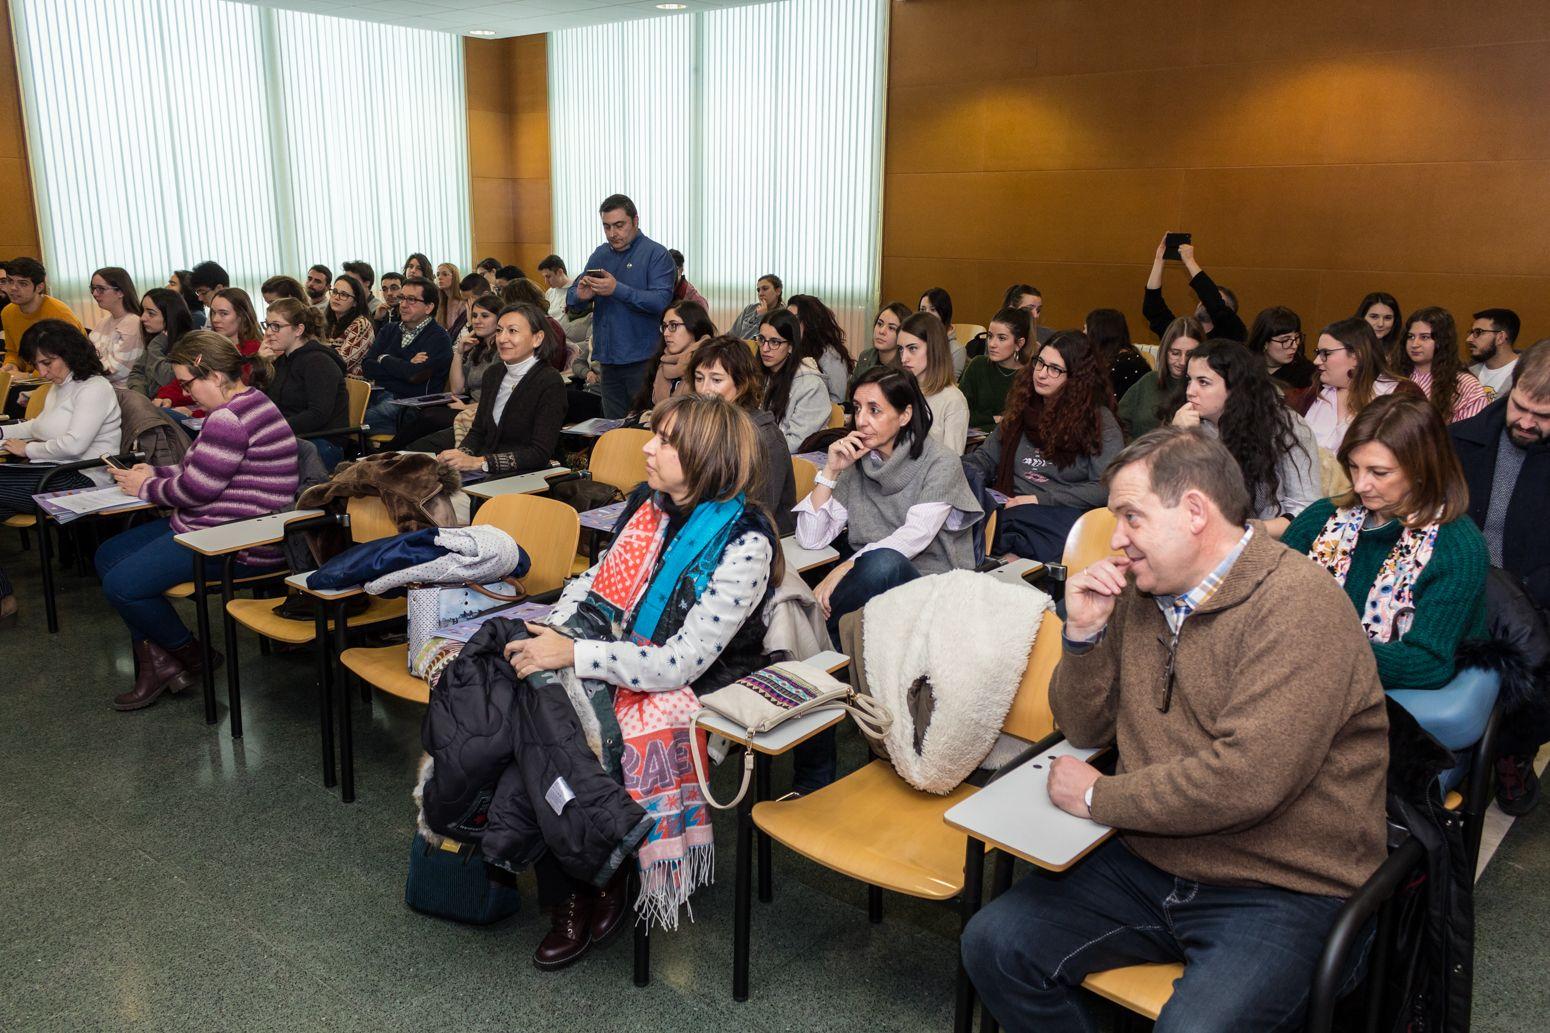 2018-02-08_presentacion_calendario_tiempo_de_mujeres_034